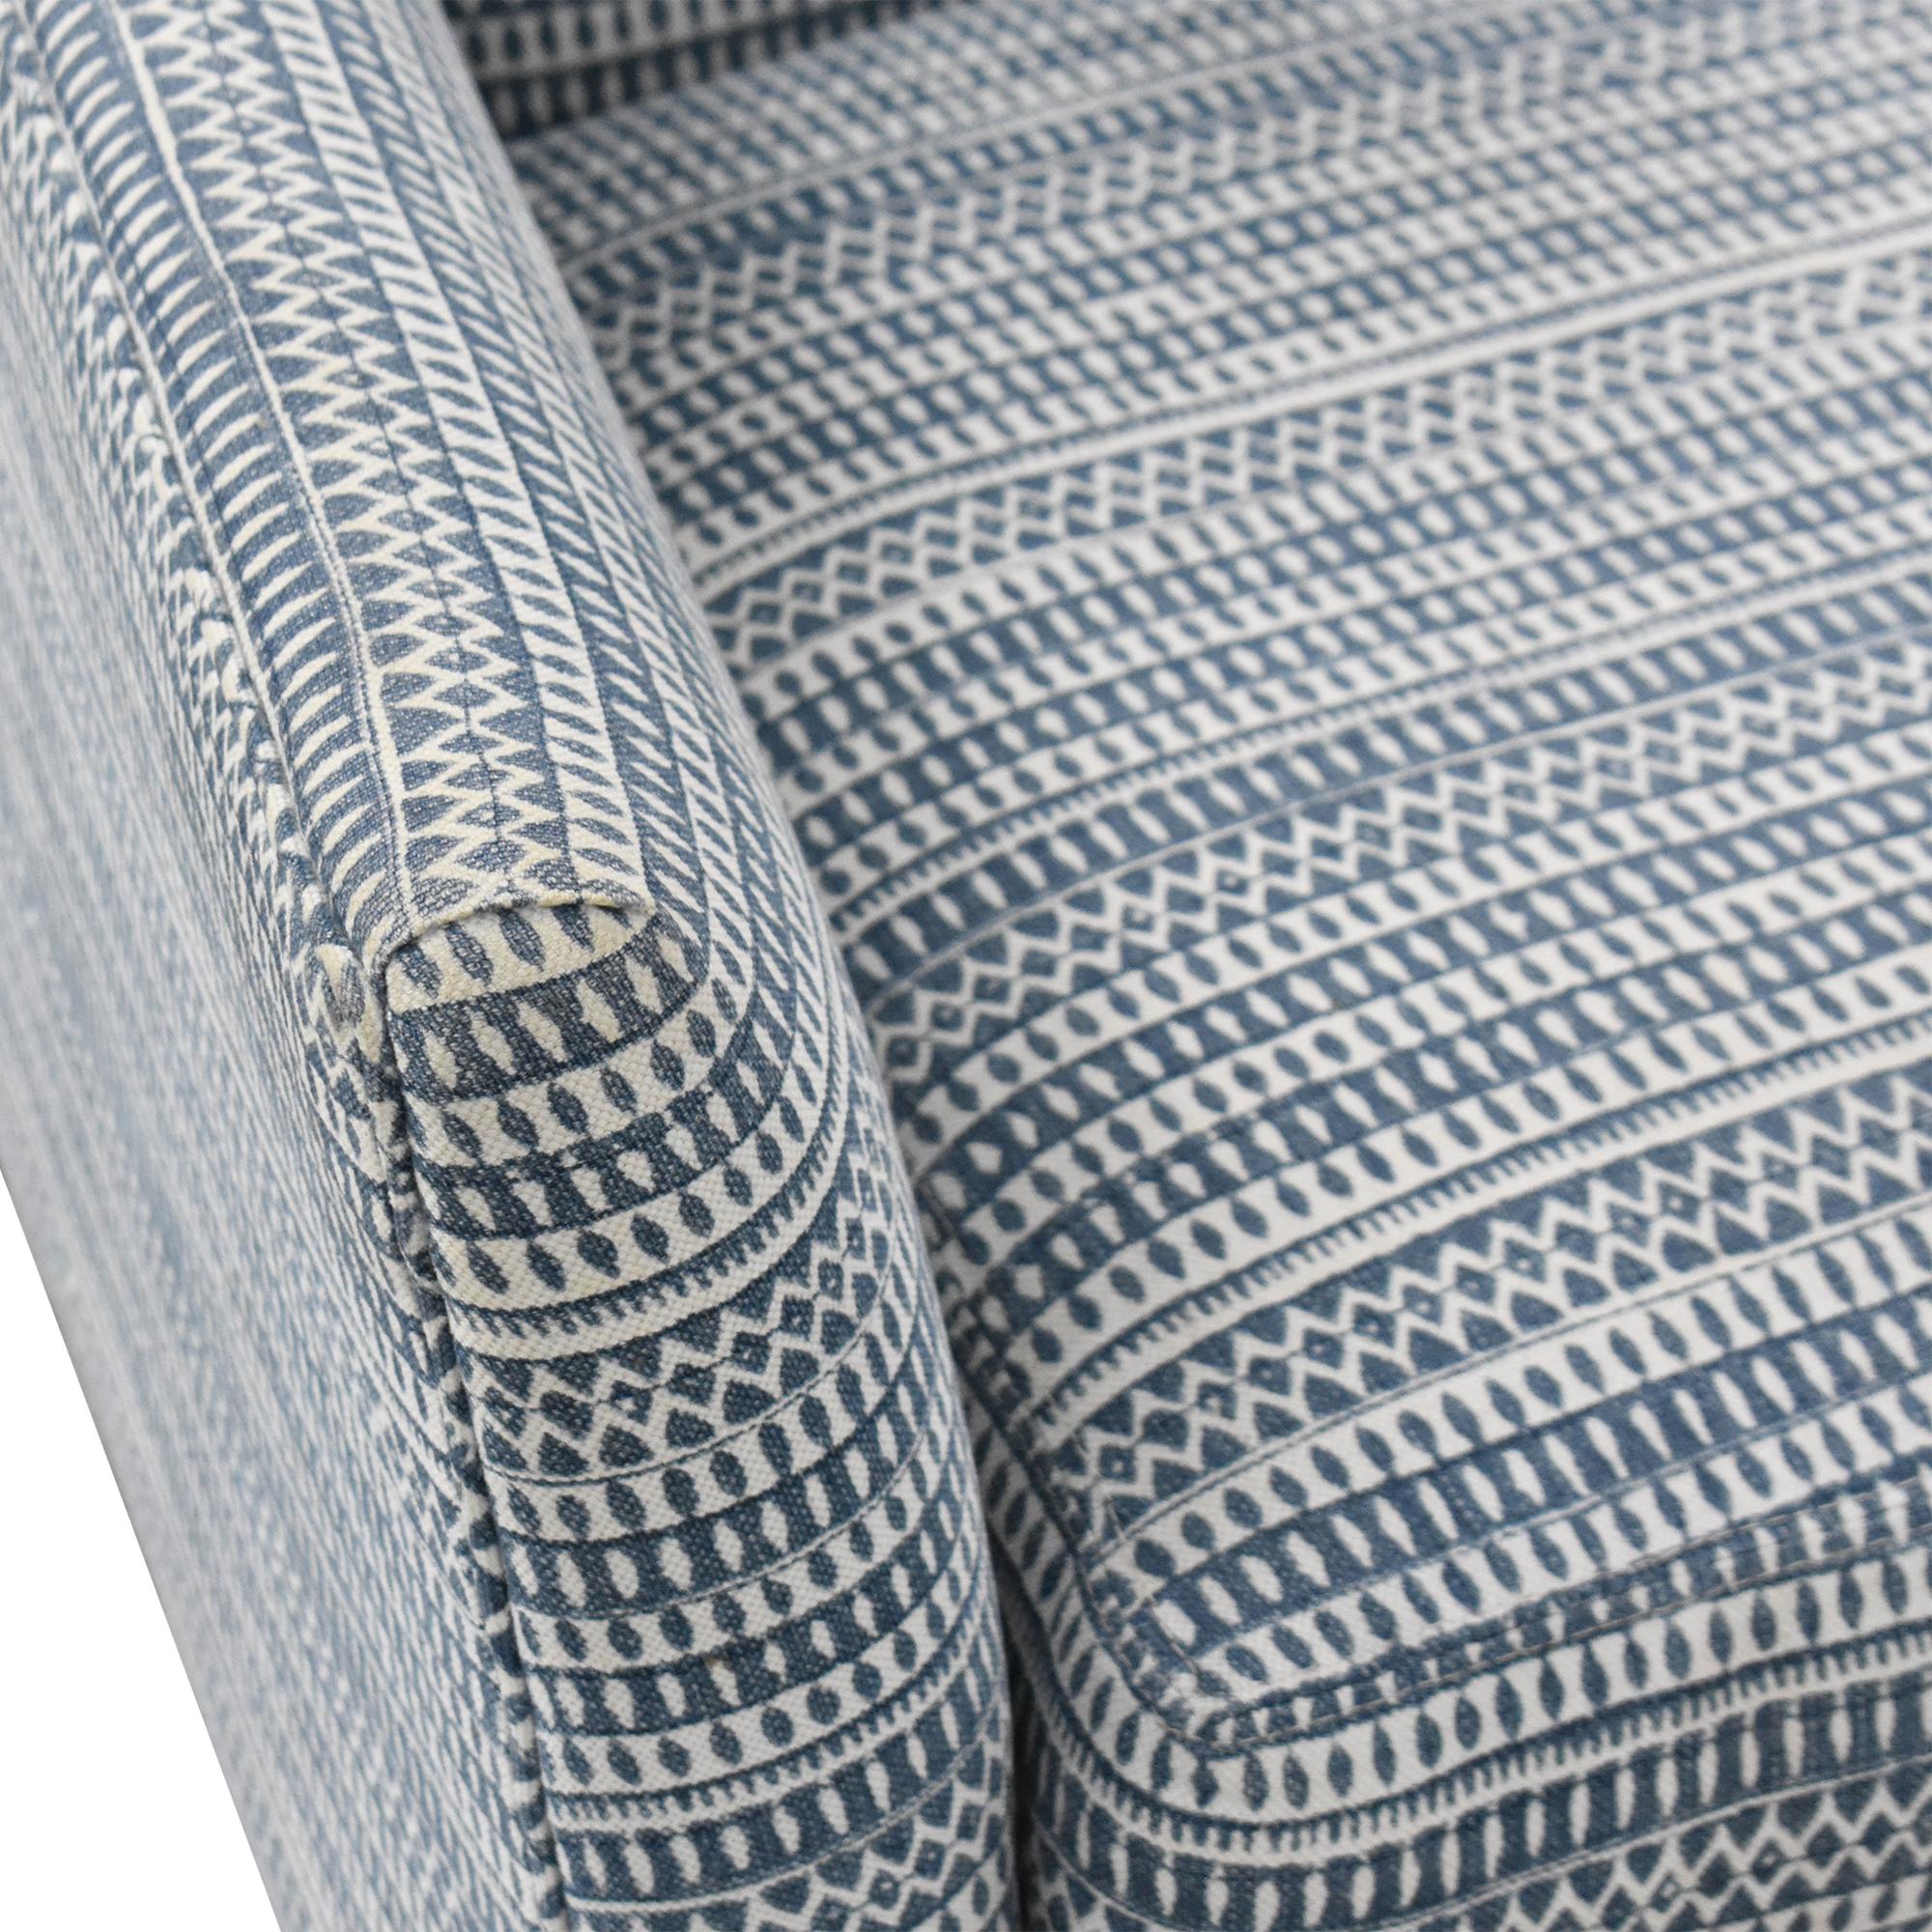 buy ABC Carpet & Home ABC Carpet & Home Accent Chair online